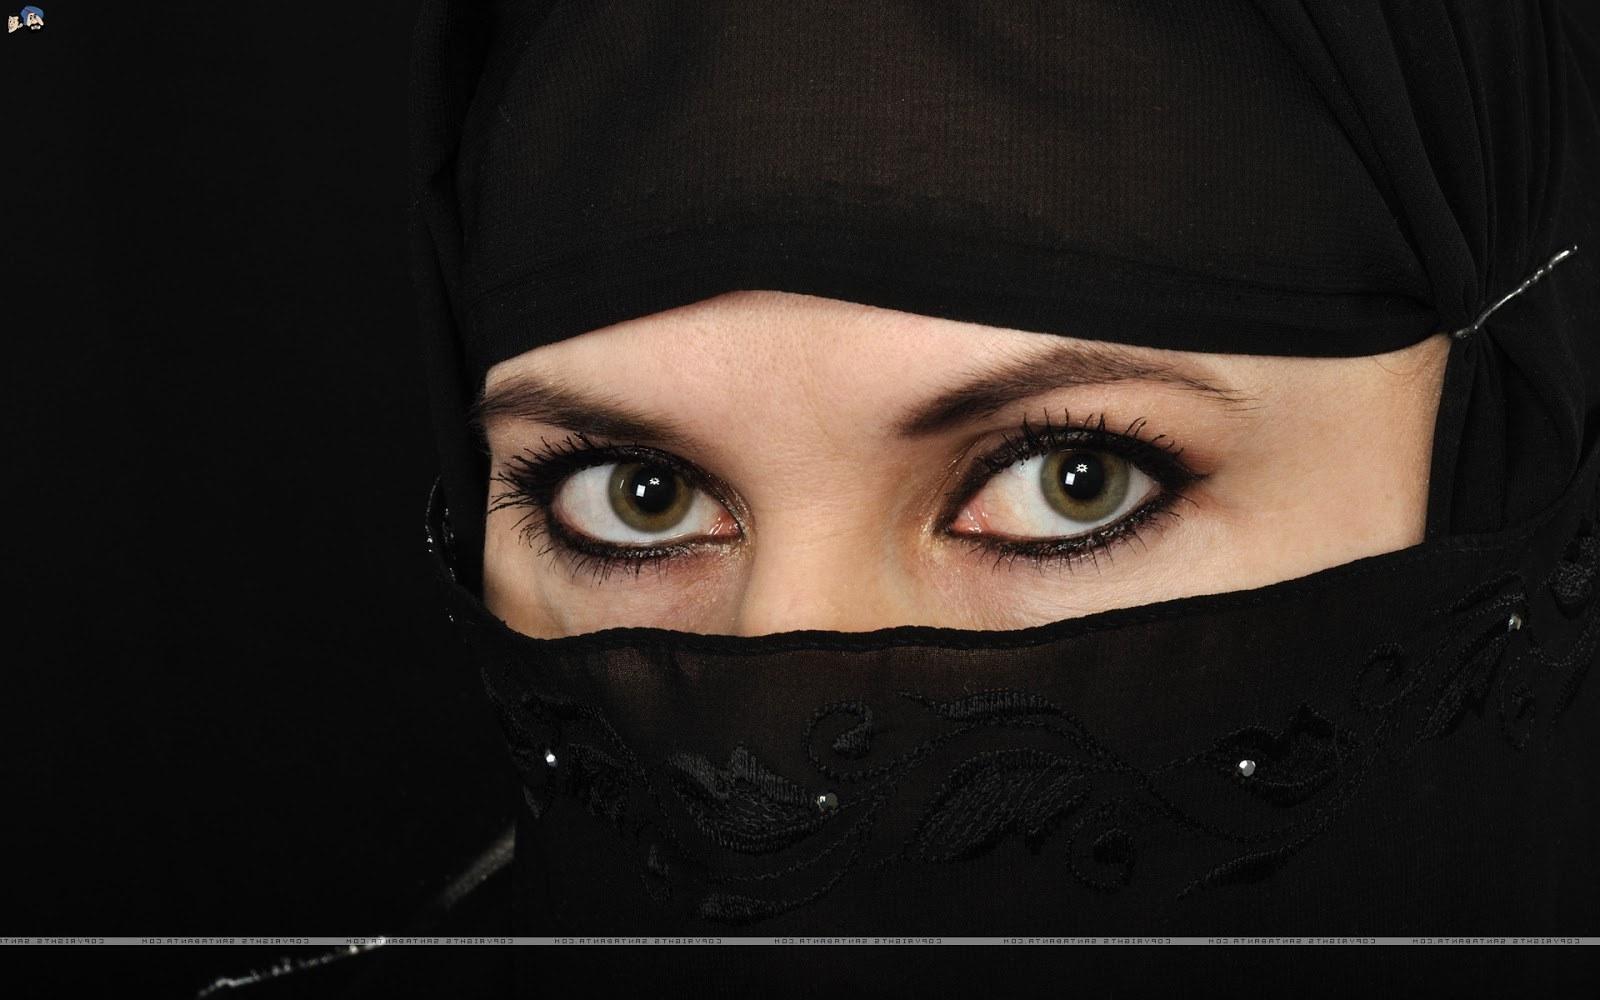 Design Muslimah Bercadar Cantik Zwd9 Gambar Wanita Cantik Arab